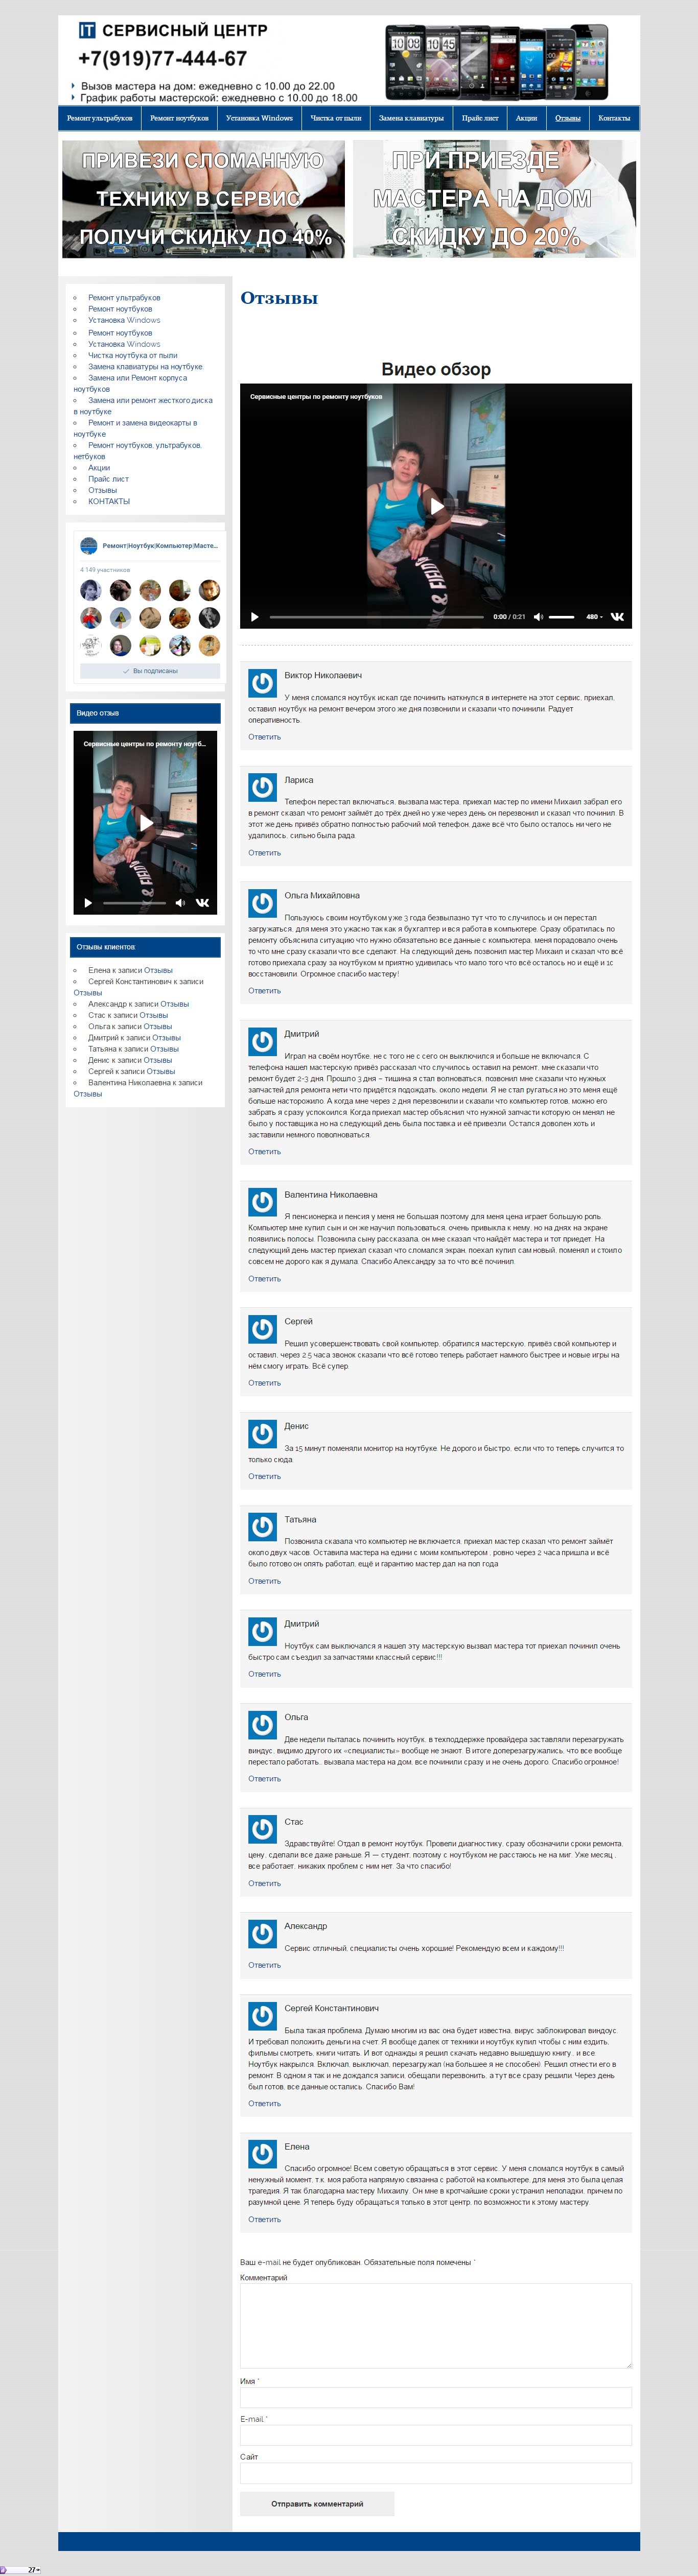 Создание сайта по ремонту ноутбуков